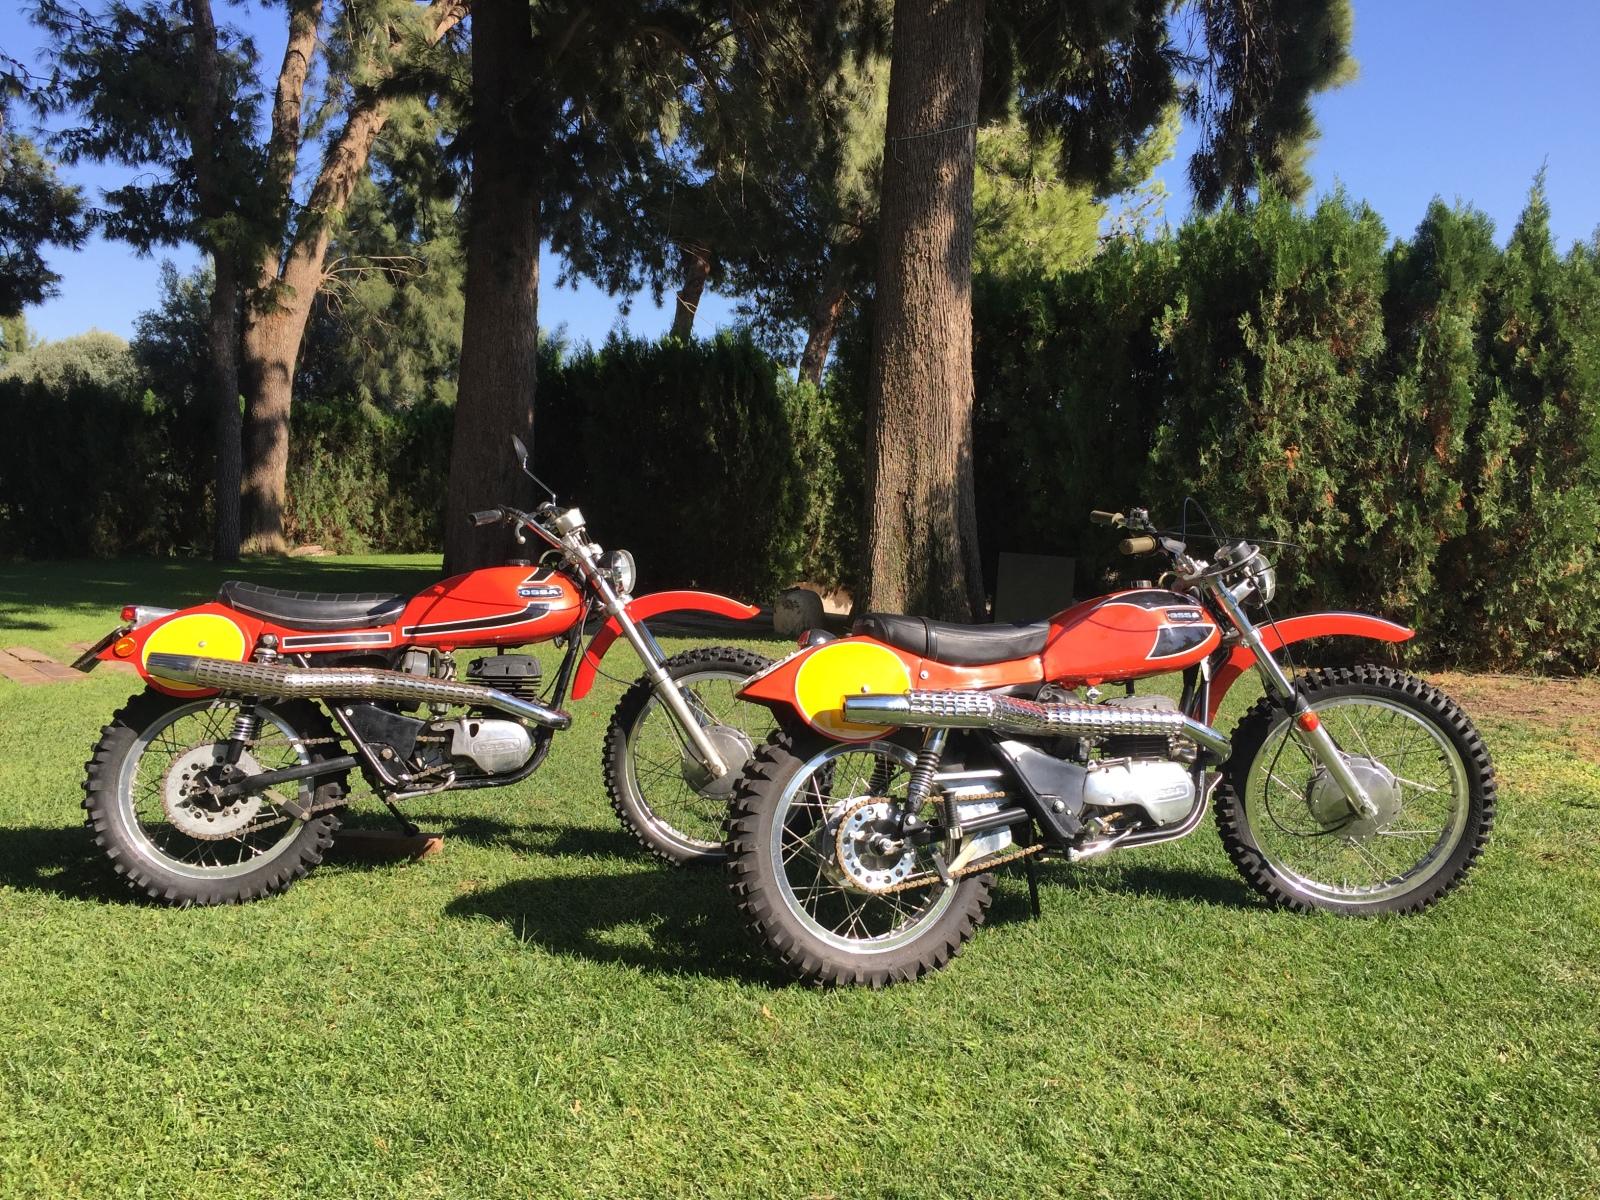 Colección TT Competición: Bultaco,Montesa,Ossa - Página 3 A57yp1